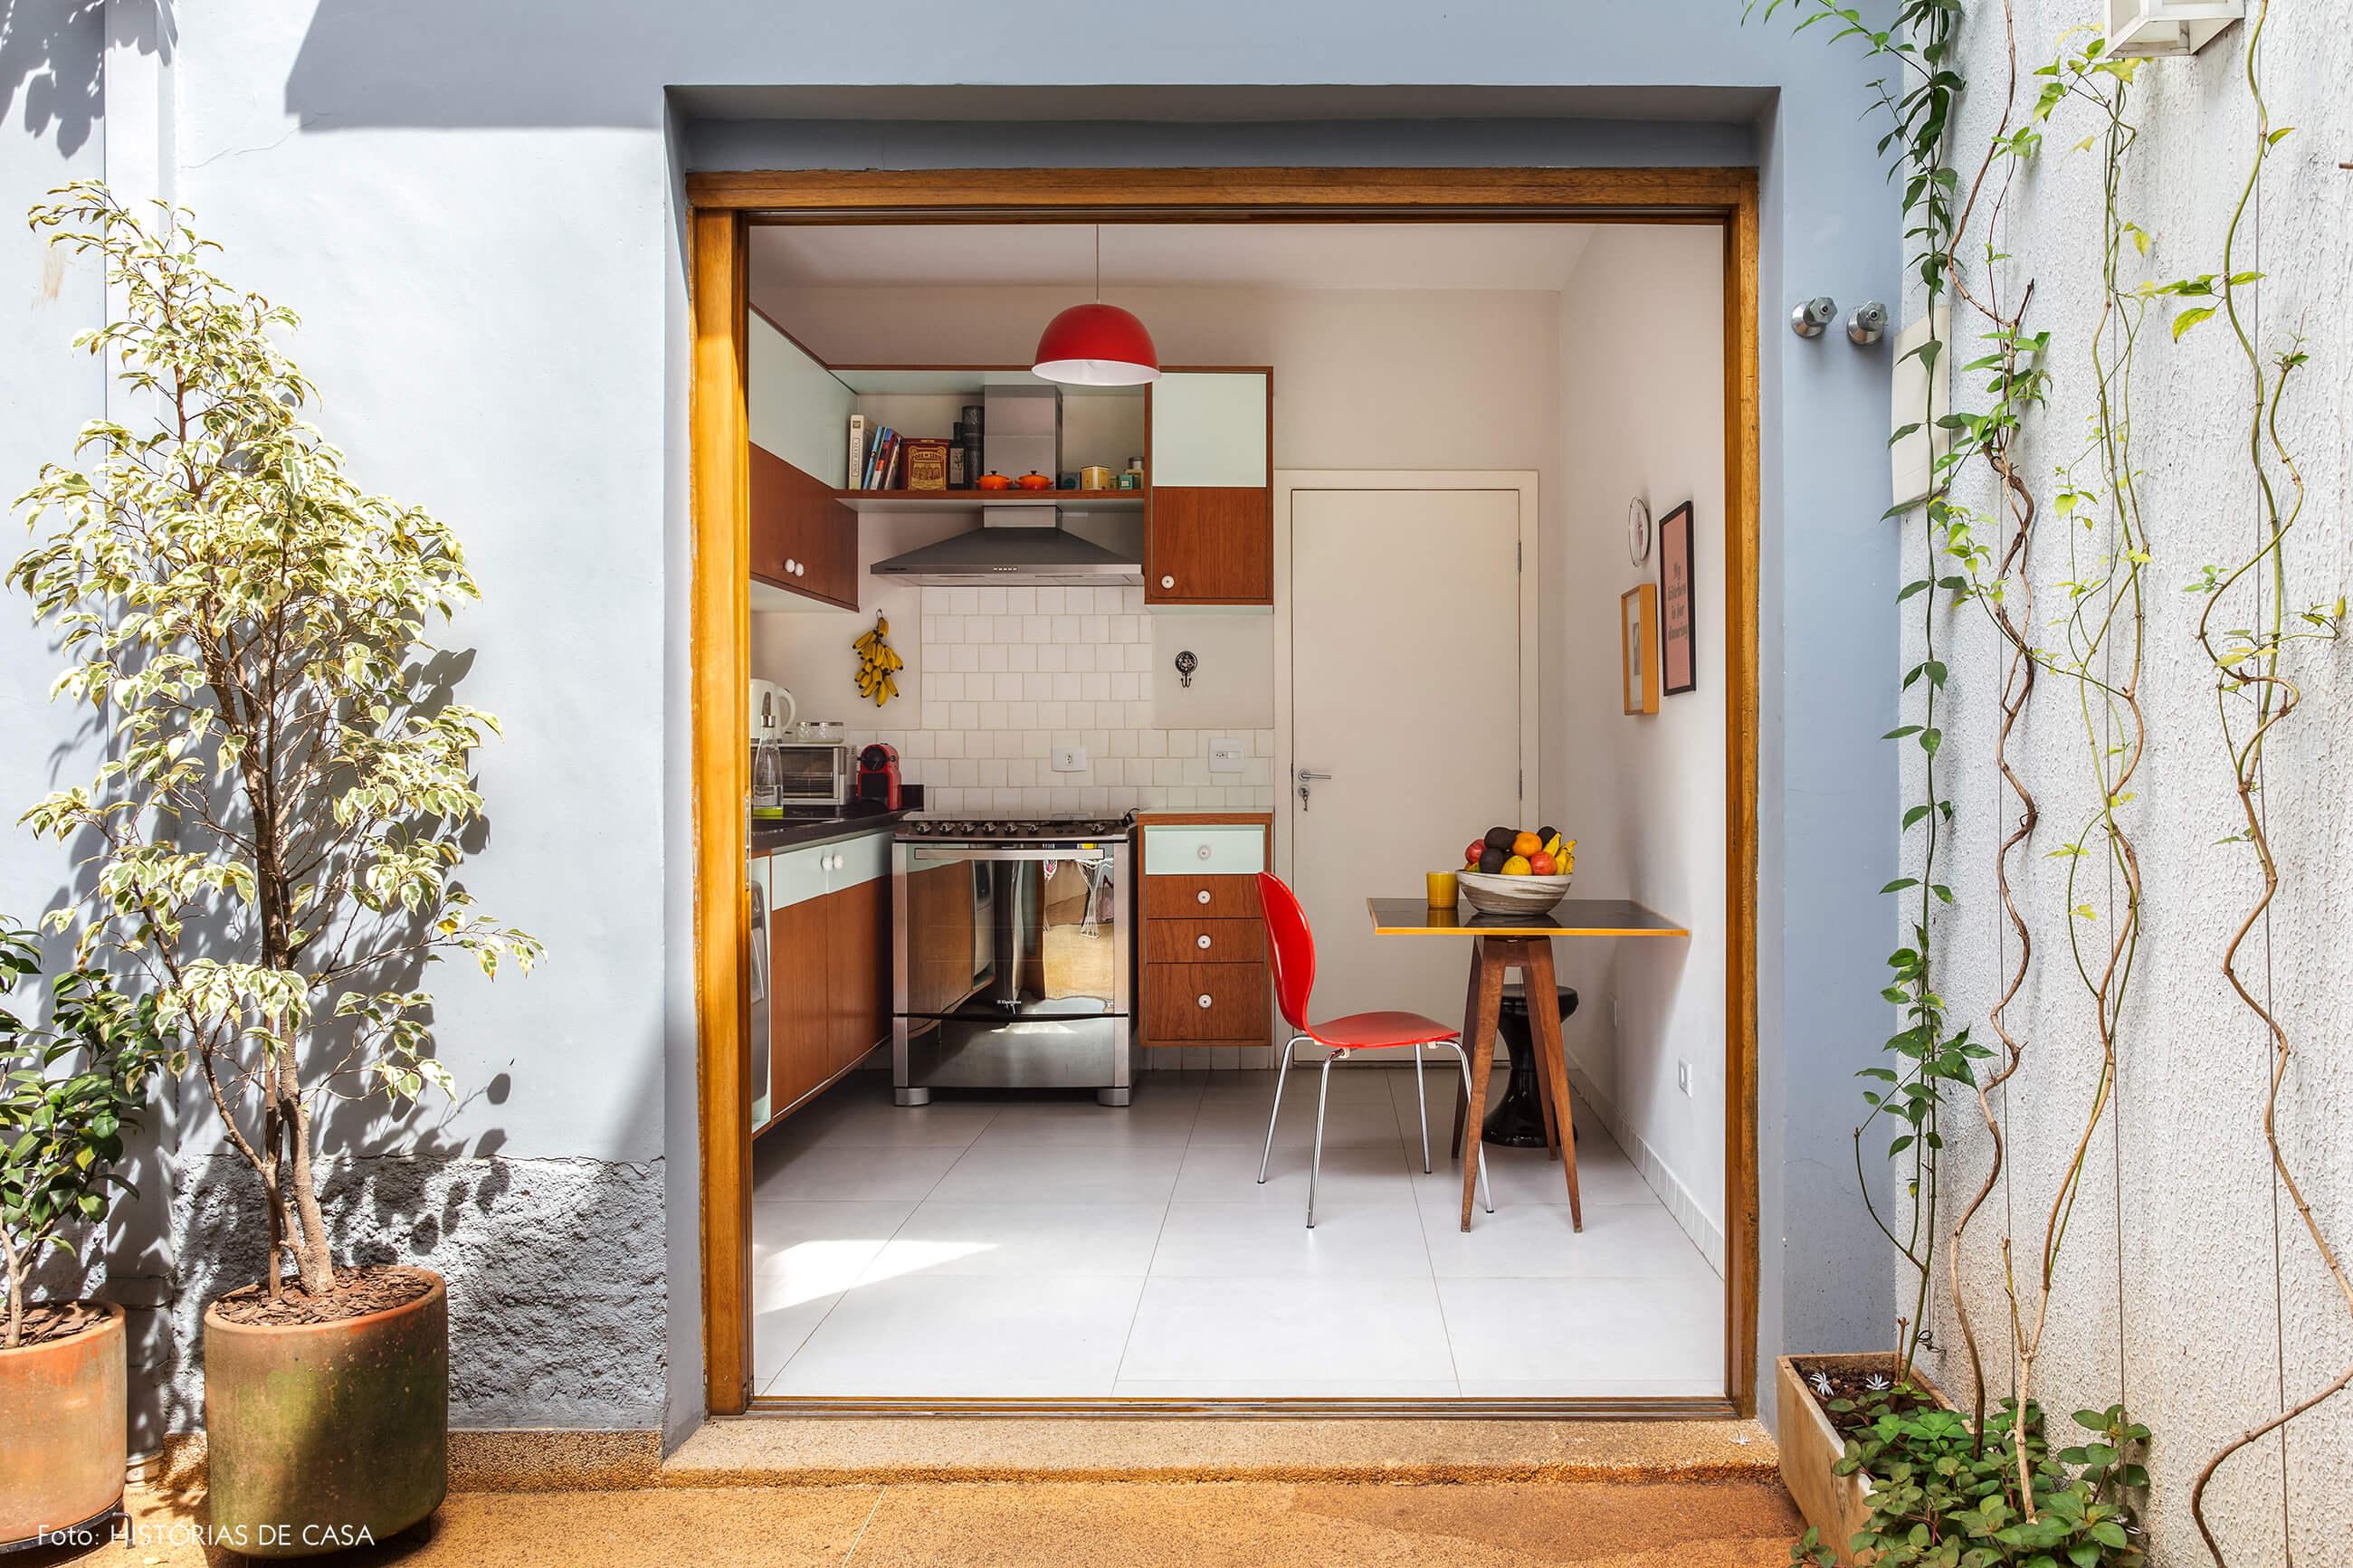 Cozinha com clima vintage em casa de vila